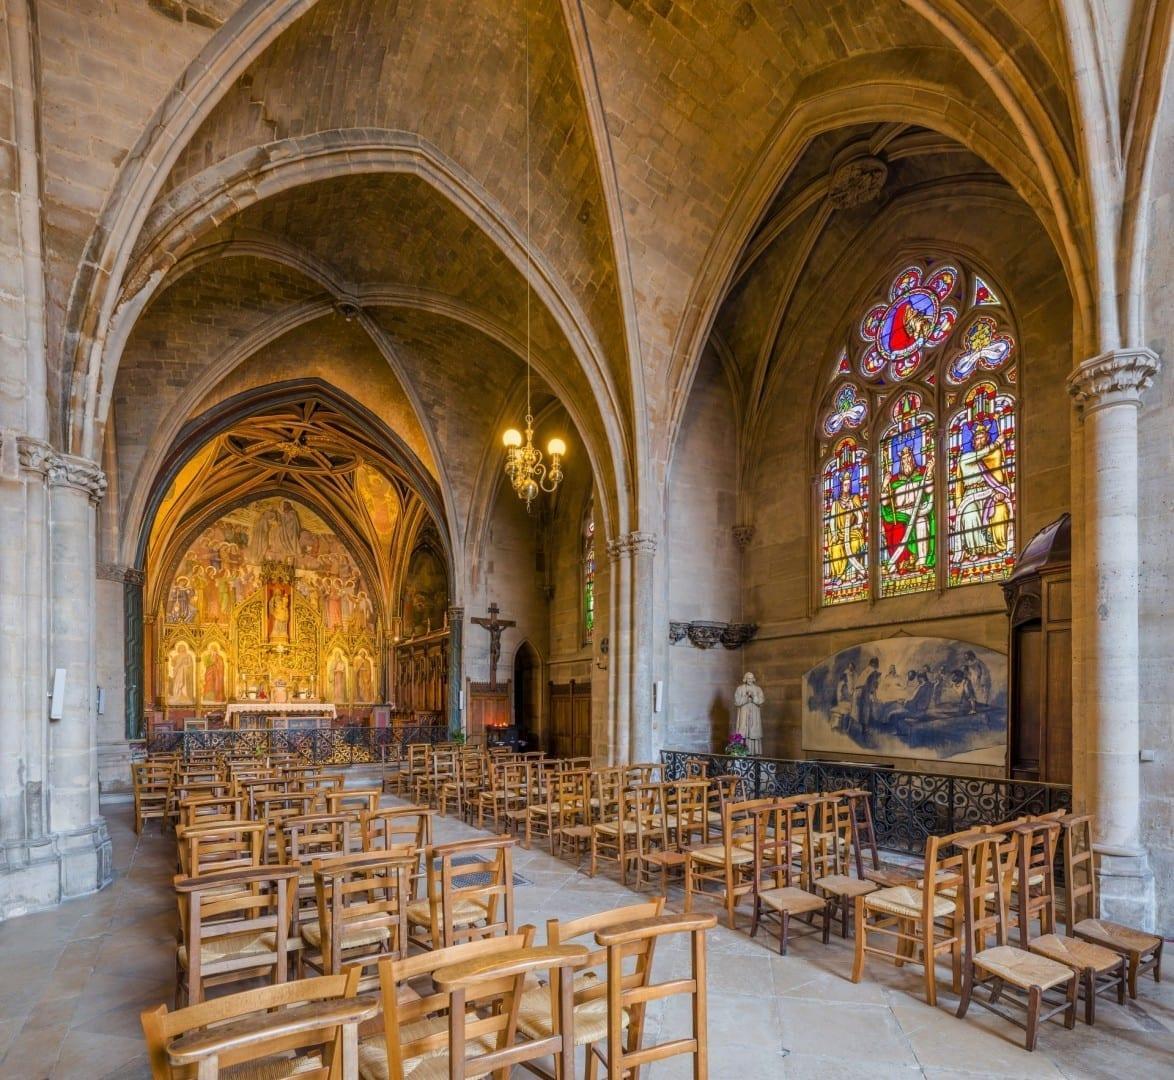 Una capilla en la Antigua Abadía de St. Germain Auxerre Francia